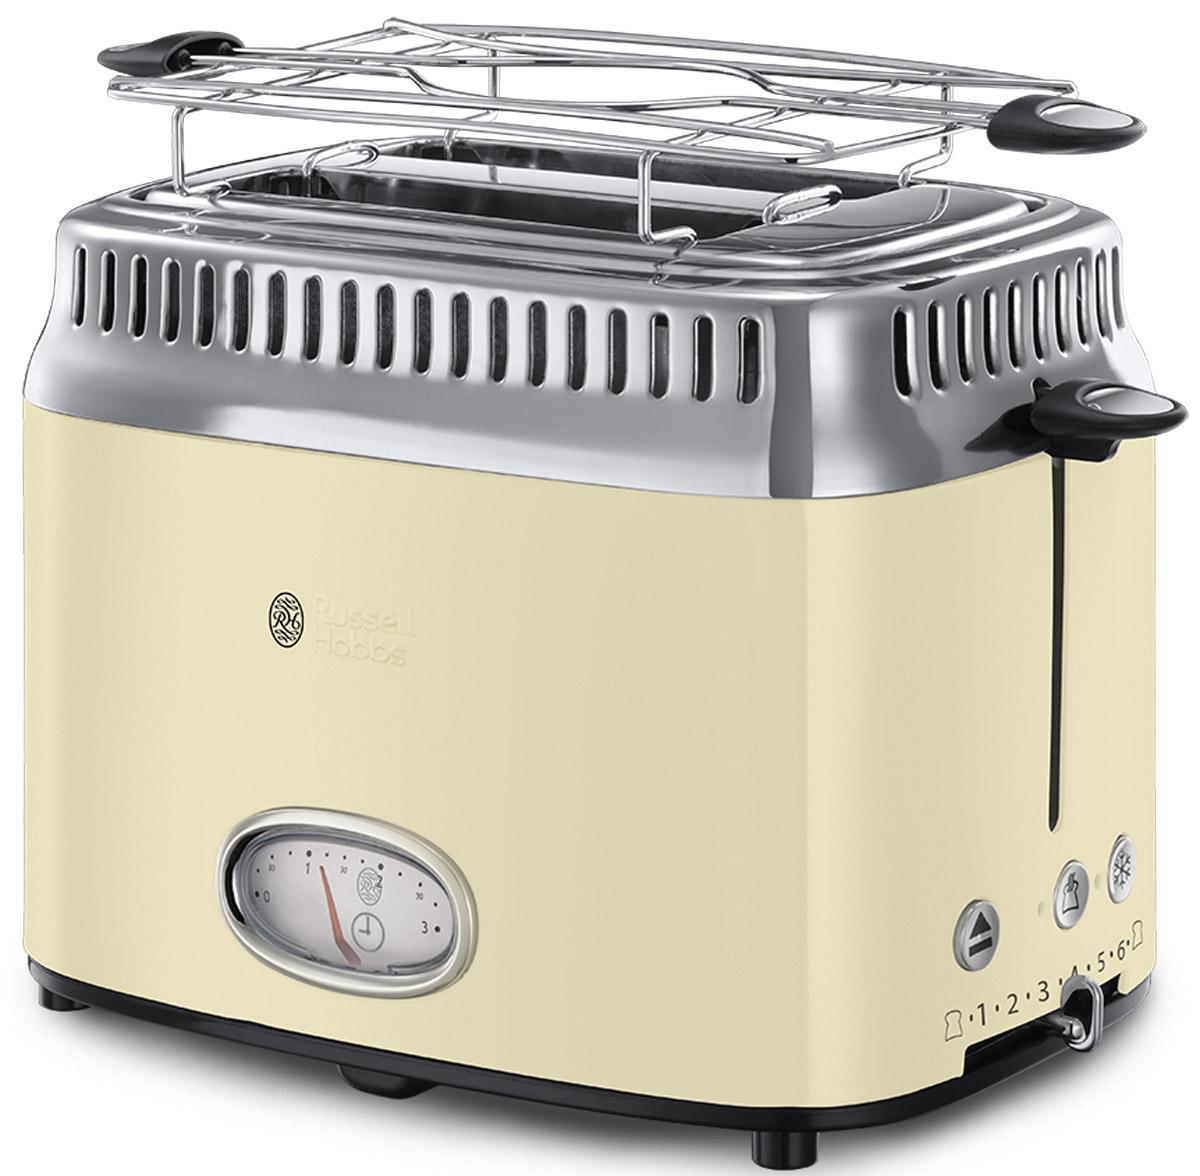 Russell Hobbs Retro, Vintage Cream тостер21682-56Новинка сезона Осень-Зима 2016 года, тостер Russell Hobbs Retro входит в коллекцию приборов для Завтраков Retro, которая включает в себя еще и Чайник и Кофеварку. Если вы любите тосты, эта привлекательная модель тостера предоставит вам такое удовольствие в полной мере.Предпочитаете слегка подогретый хлеб или тосты с поджаристой хрустящей корочкой? Выберите нужную степень поджарки тостов и наслаждайтесь результатом. Стильная винтажная шкала обратного отсчета времени приготовления наглядно отображает время до готовности тостов. Хороший завтрак это начало хорошего дня, но времени на завтрак всегда критично мало. Понимая это, Russell Hobbs оснастил новые тостеры Retro технологией быстрого приготовления, которая сбережет ценные минуты с утра. Функция lift and look позволяет проверить готовность тостов, не прерывая процесс приготовления. В комплект к тостеру входит удобная решеточка для подогрева круассанов, бейглов и сэндвичей, а выдвижной лоток для сбора крошек поможет сохранять чистоту прибора.